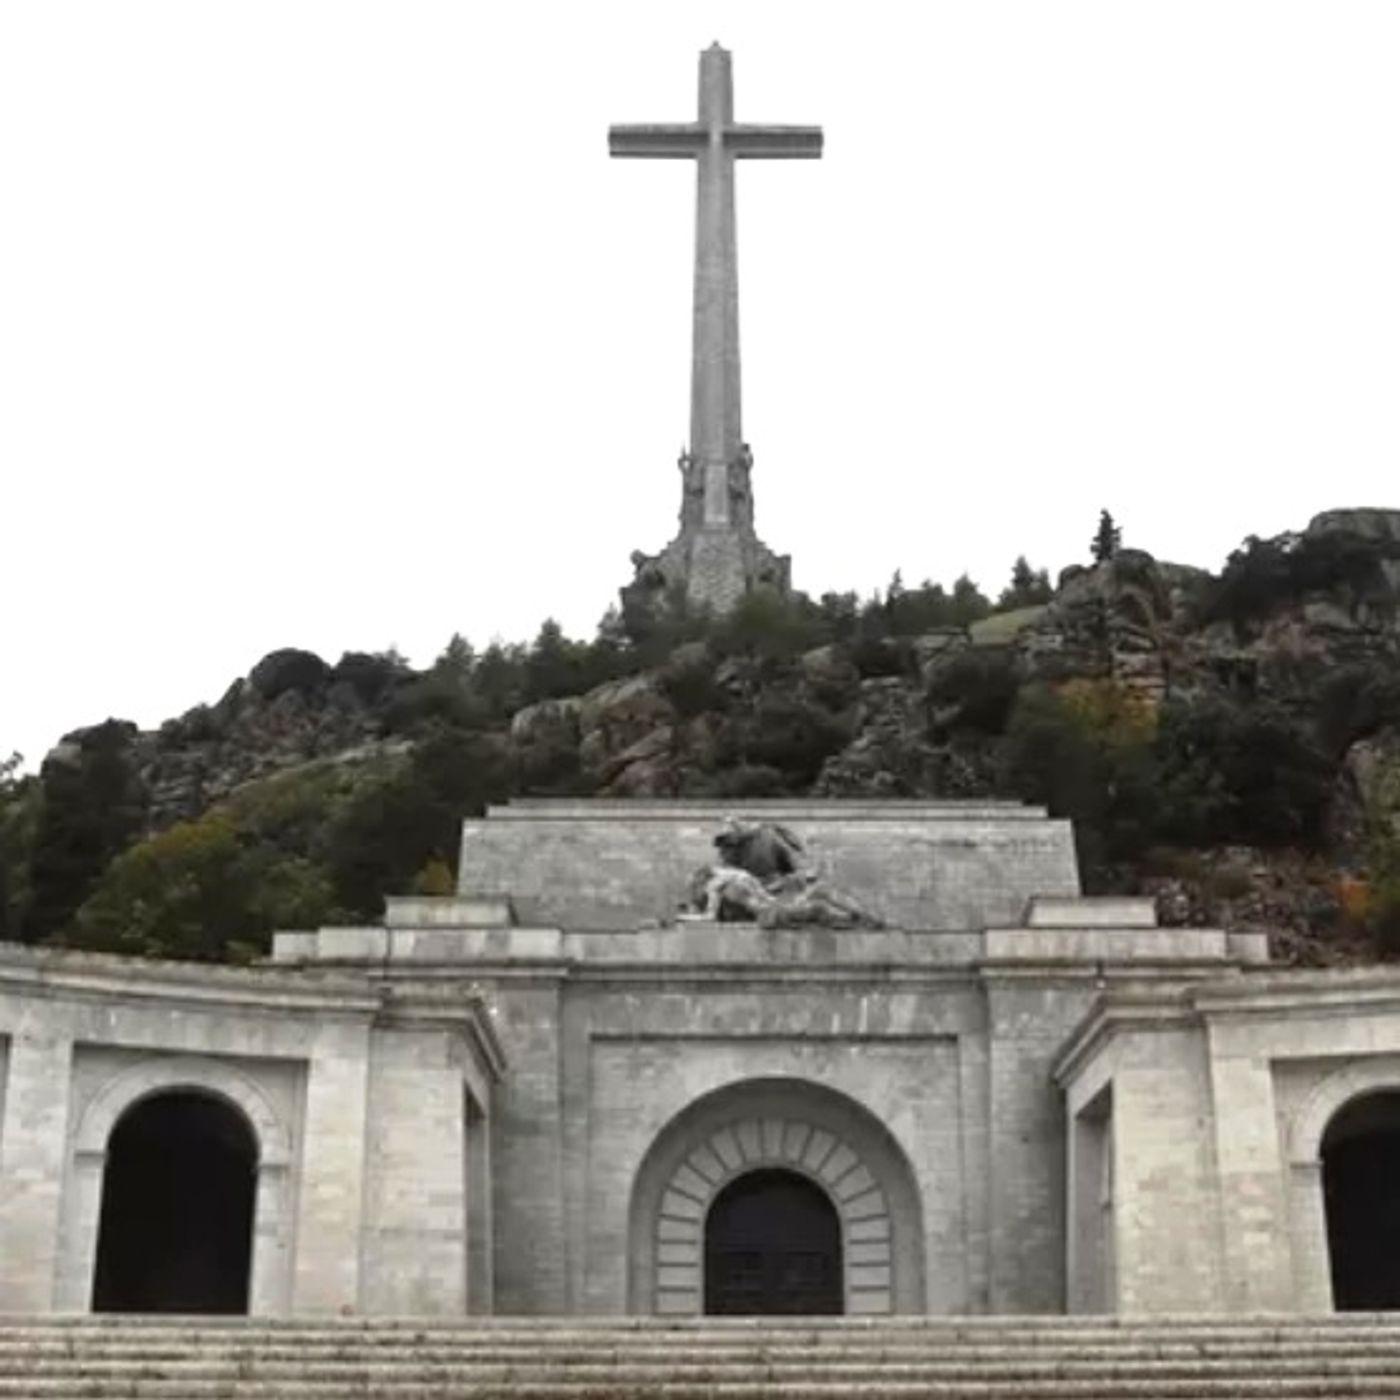 In Spagna il governo socialista vuole estirpare la croce della valle dei caduti